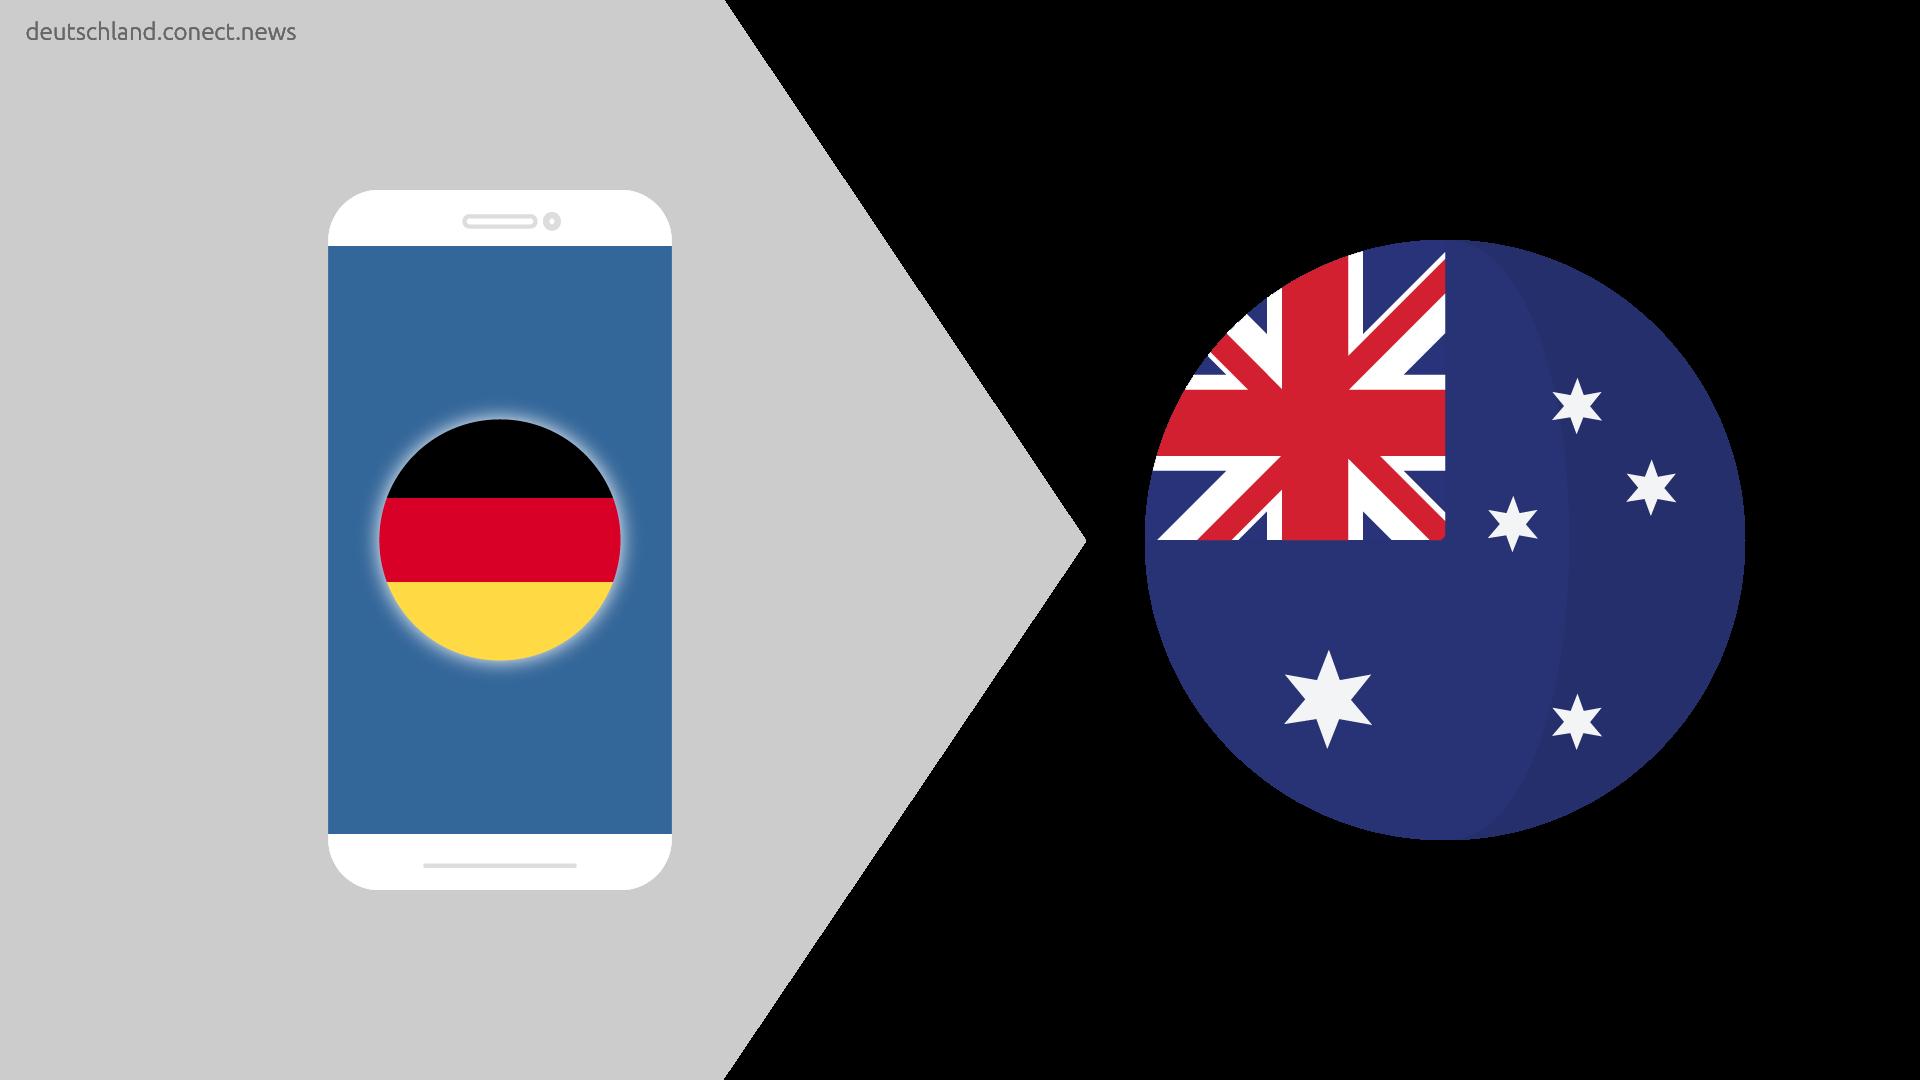 Günstiger von Deutschland nach Australien  @conetc_news